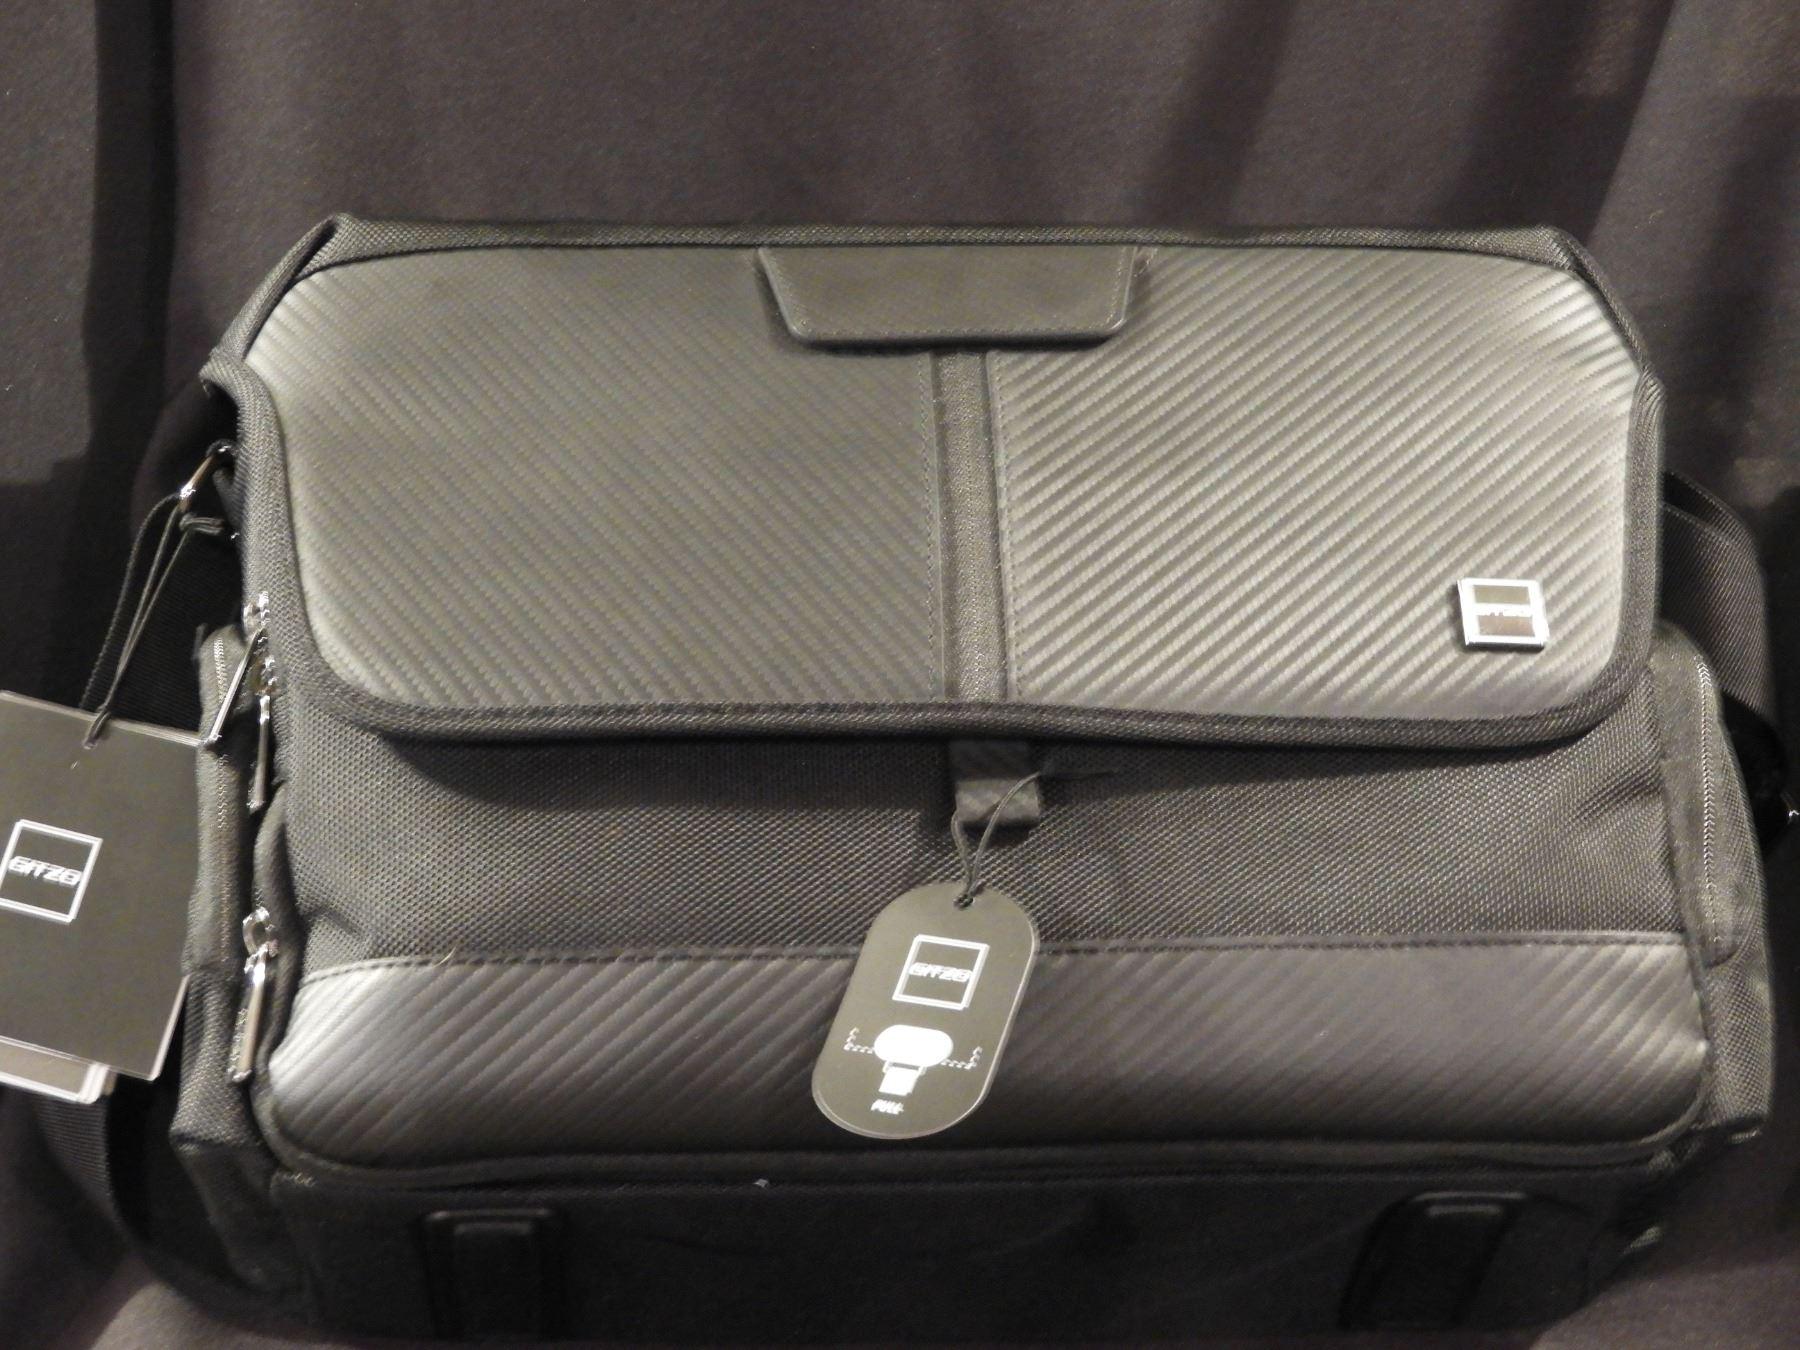 Gitzmo Camera Bag